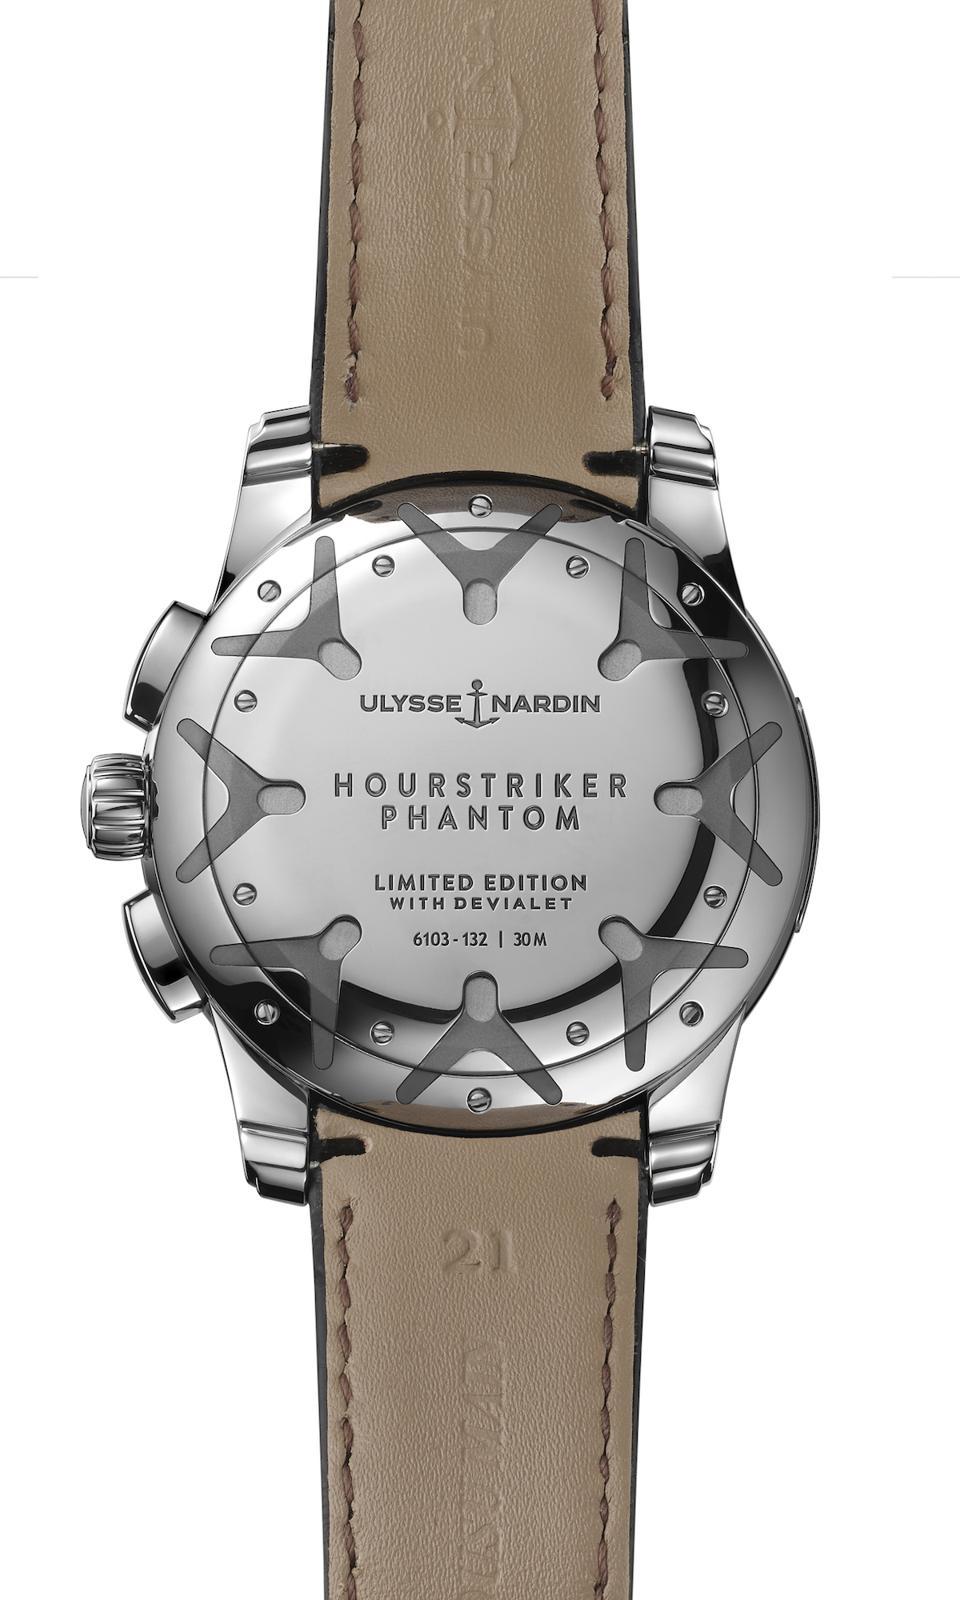 Ulysse Nardin HourStriker Phantom watch